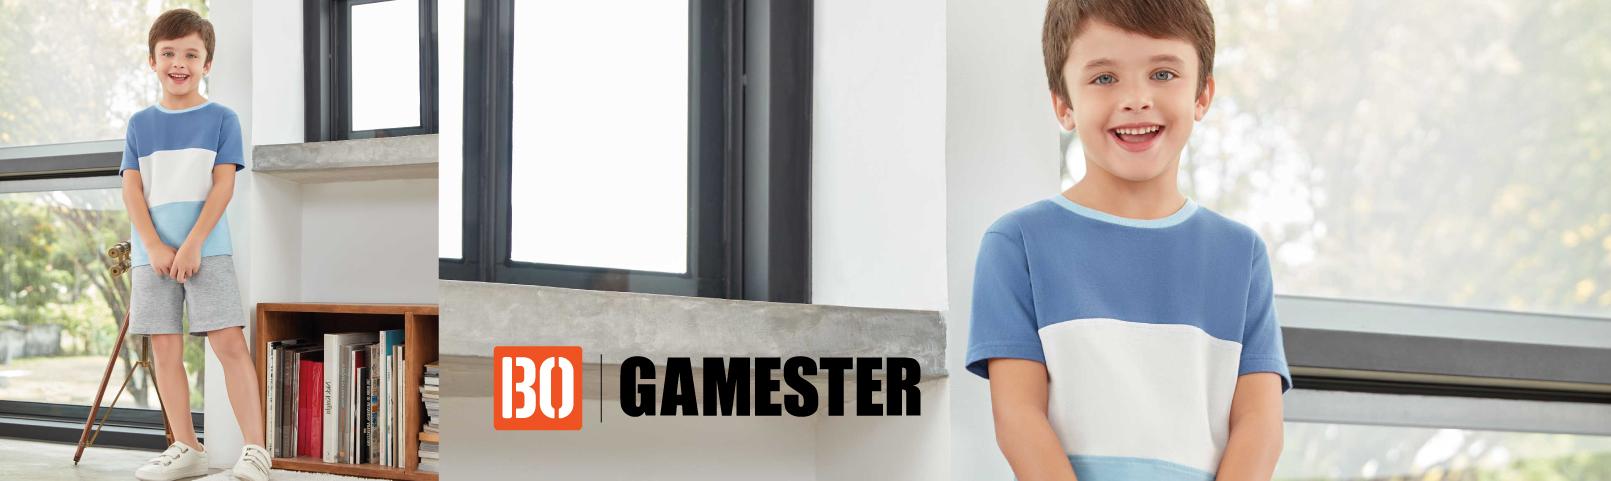 Kids - Hotshots - Gamesters